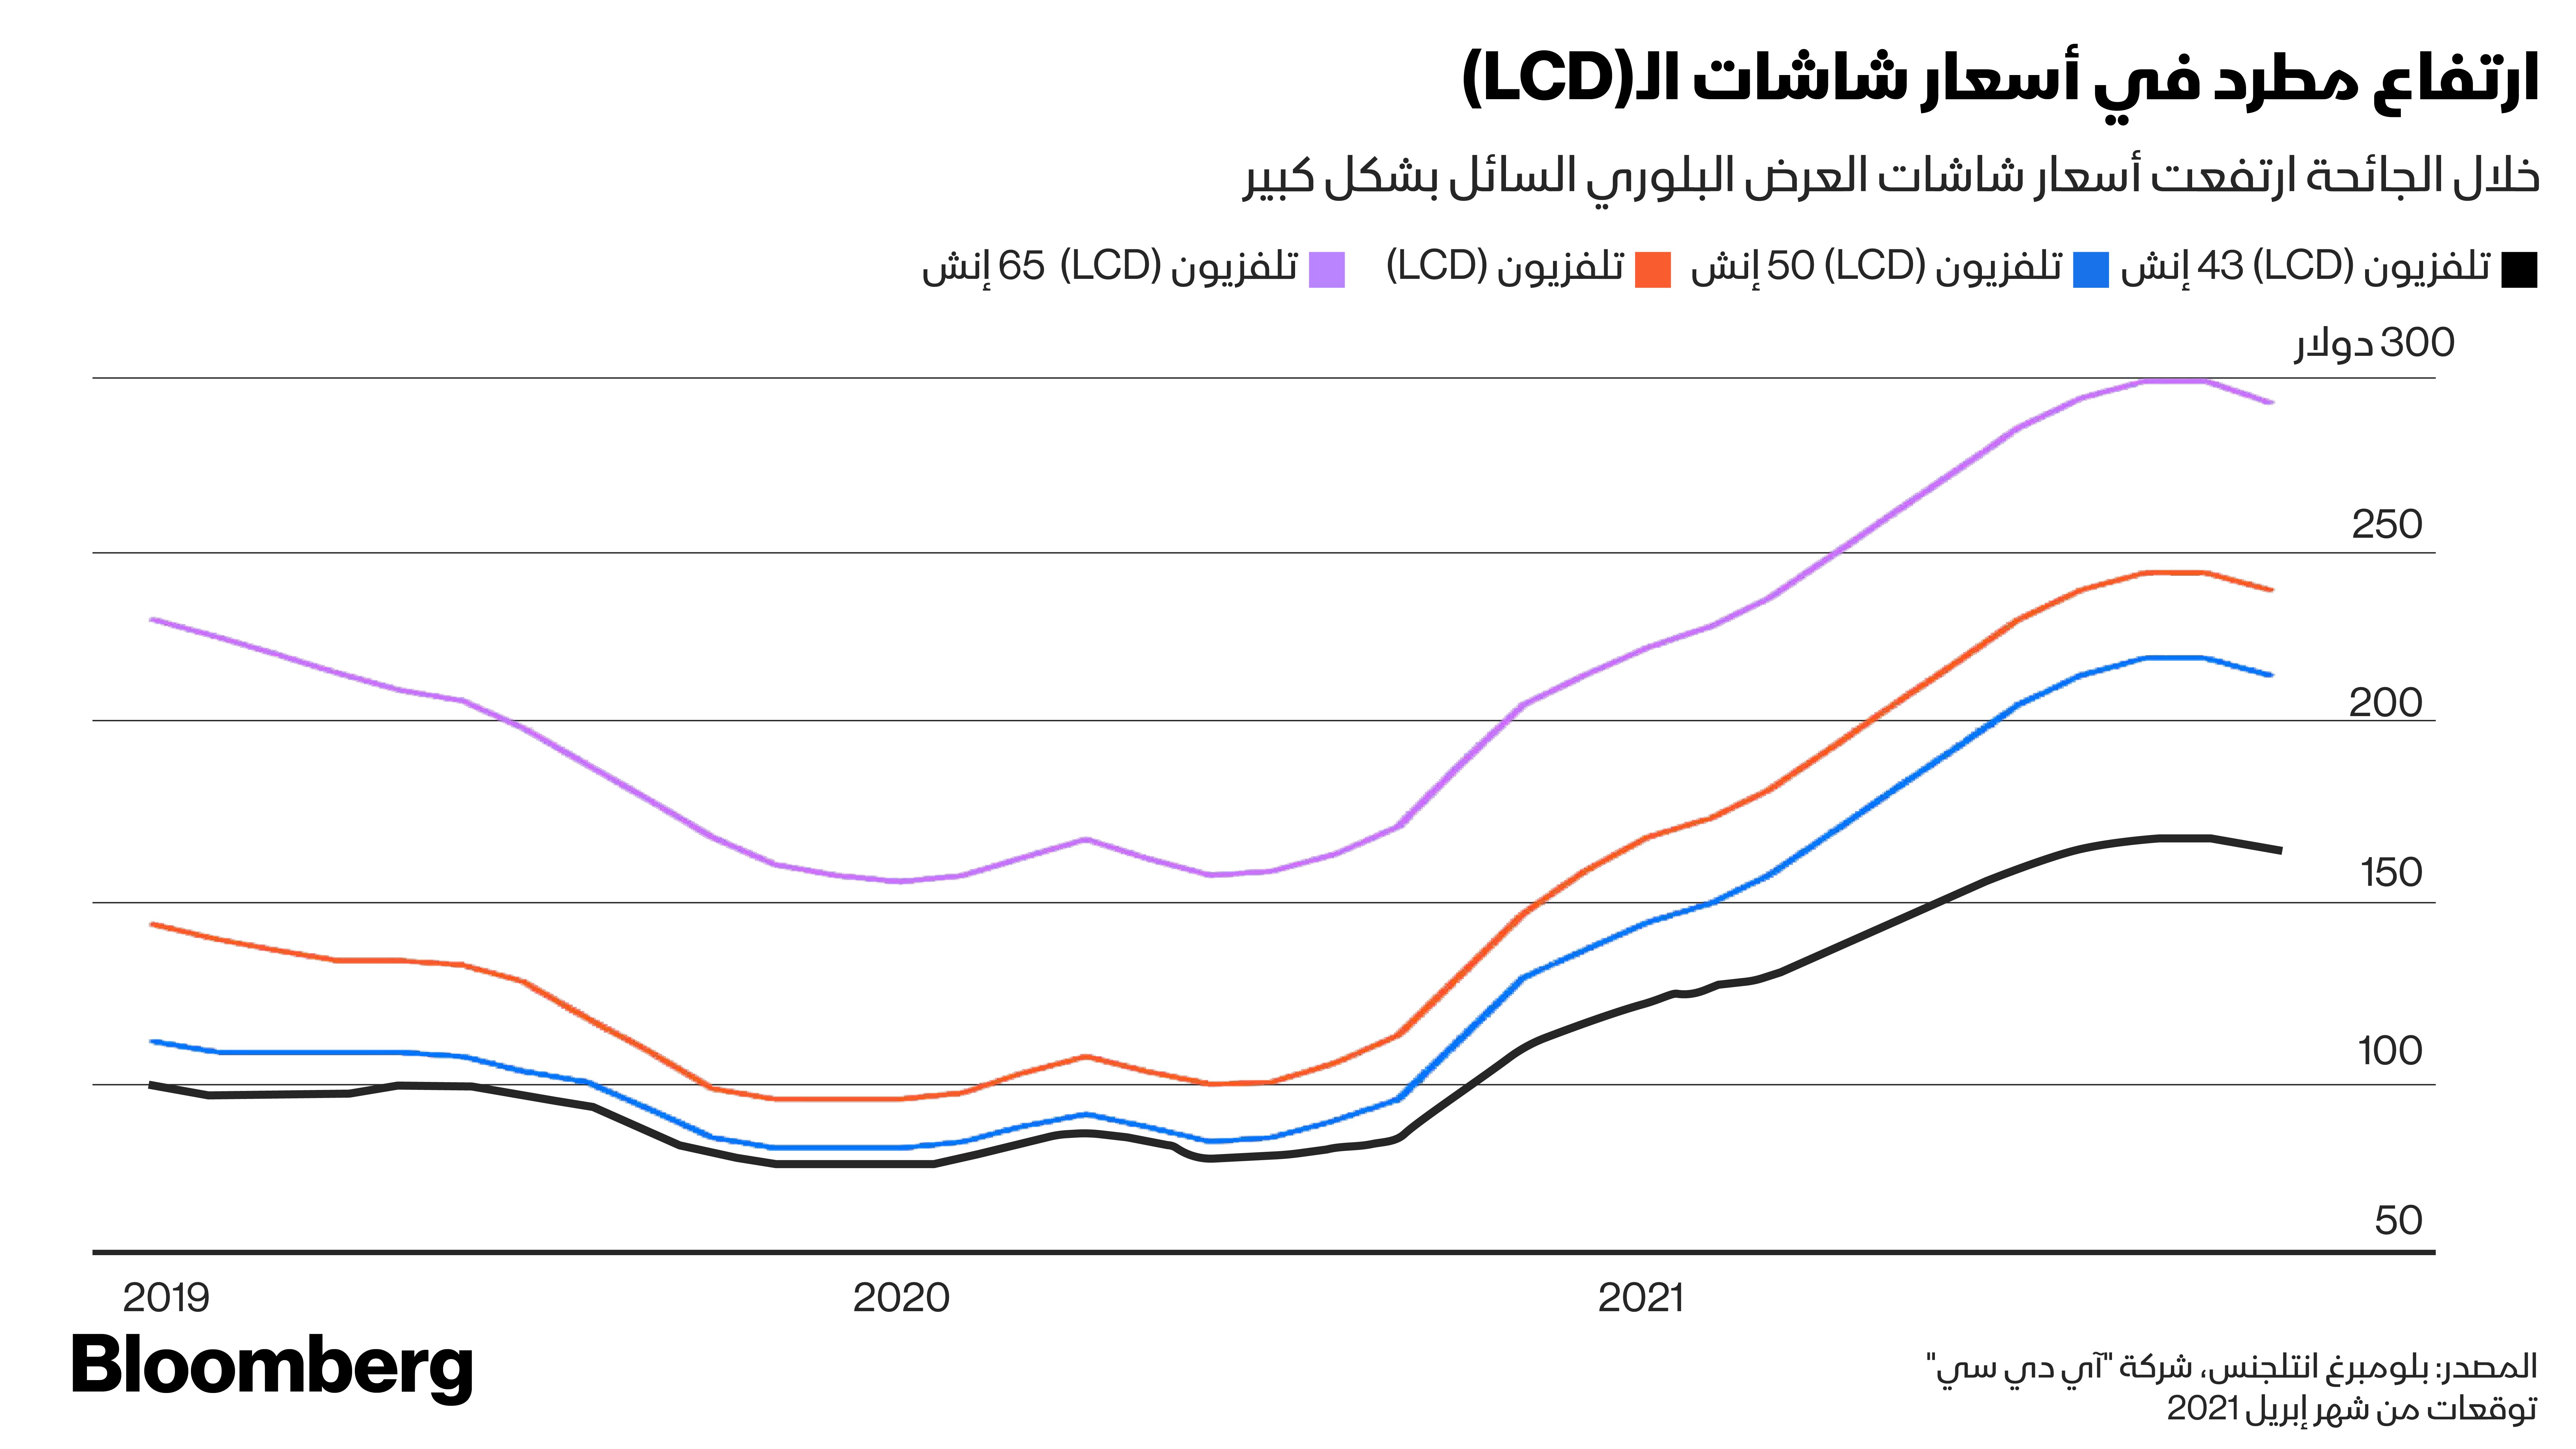 ارتفاع أسعار شاشات الـ(LCD) مدفوعة بالنقص في توافر الرقائق التي تدخل في تصنيعها.